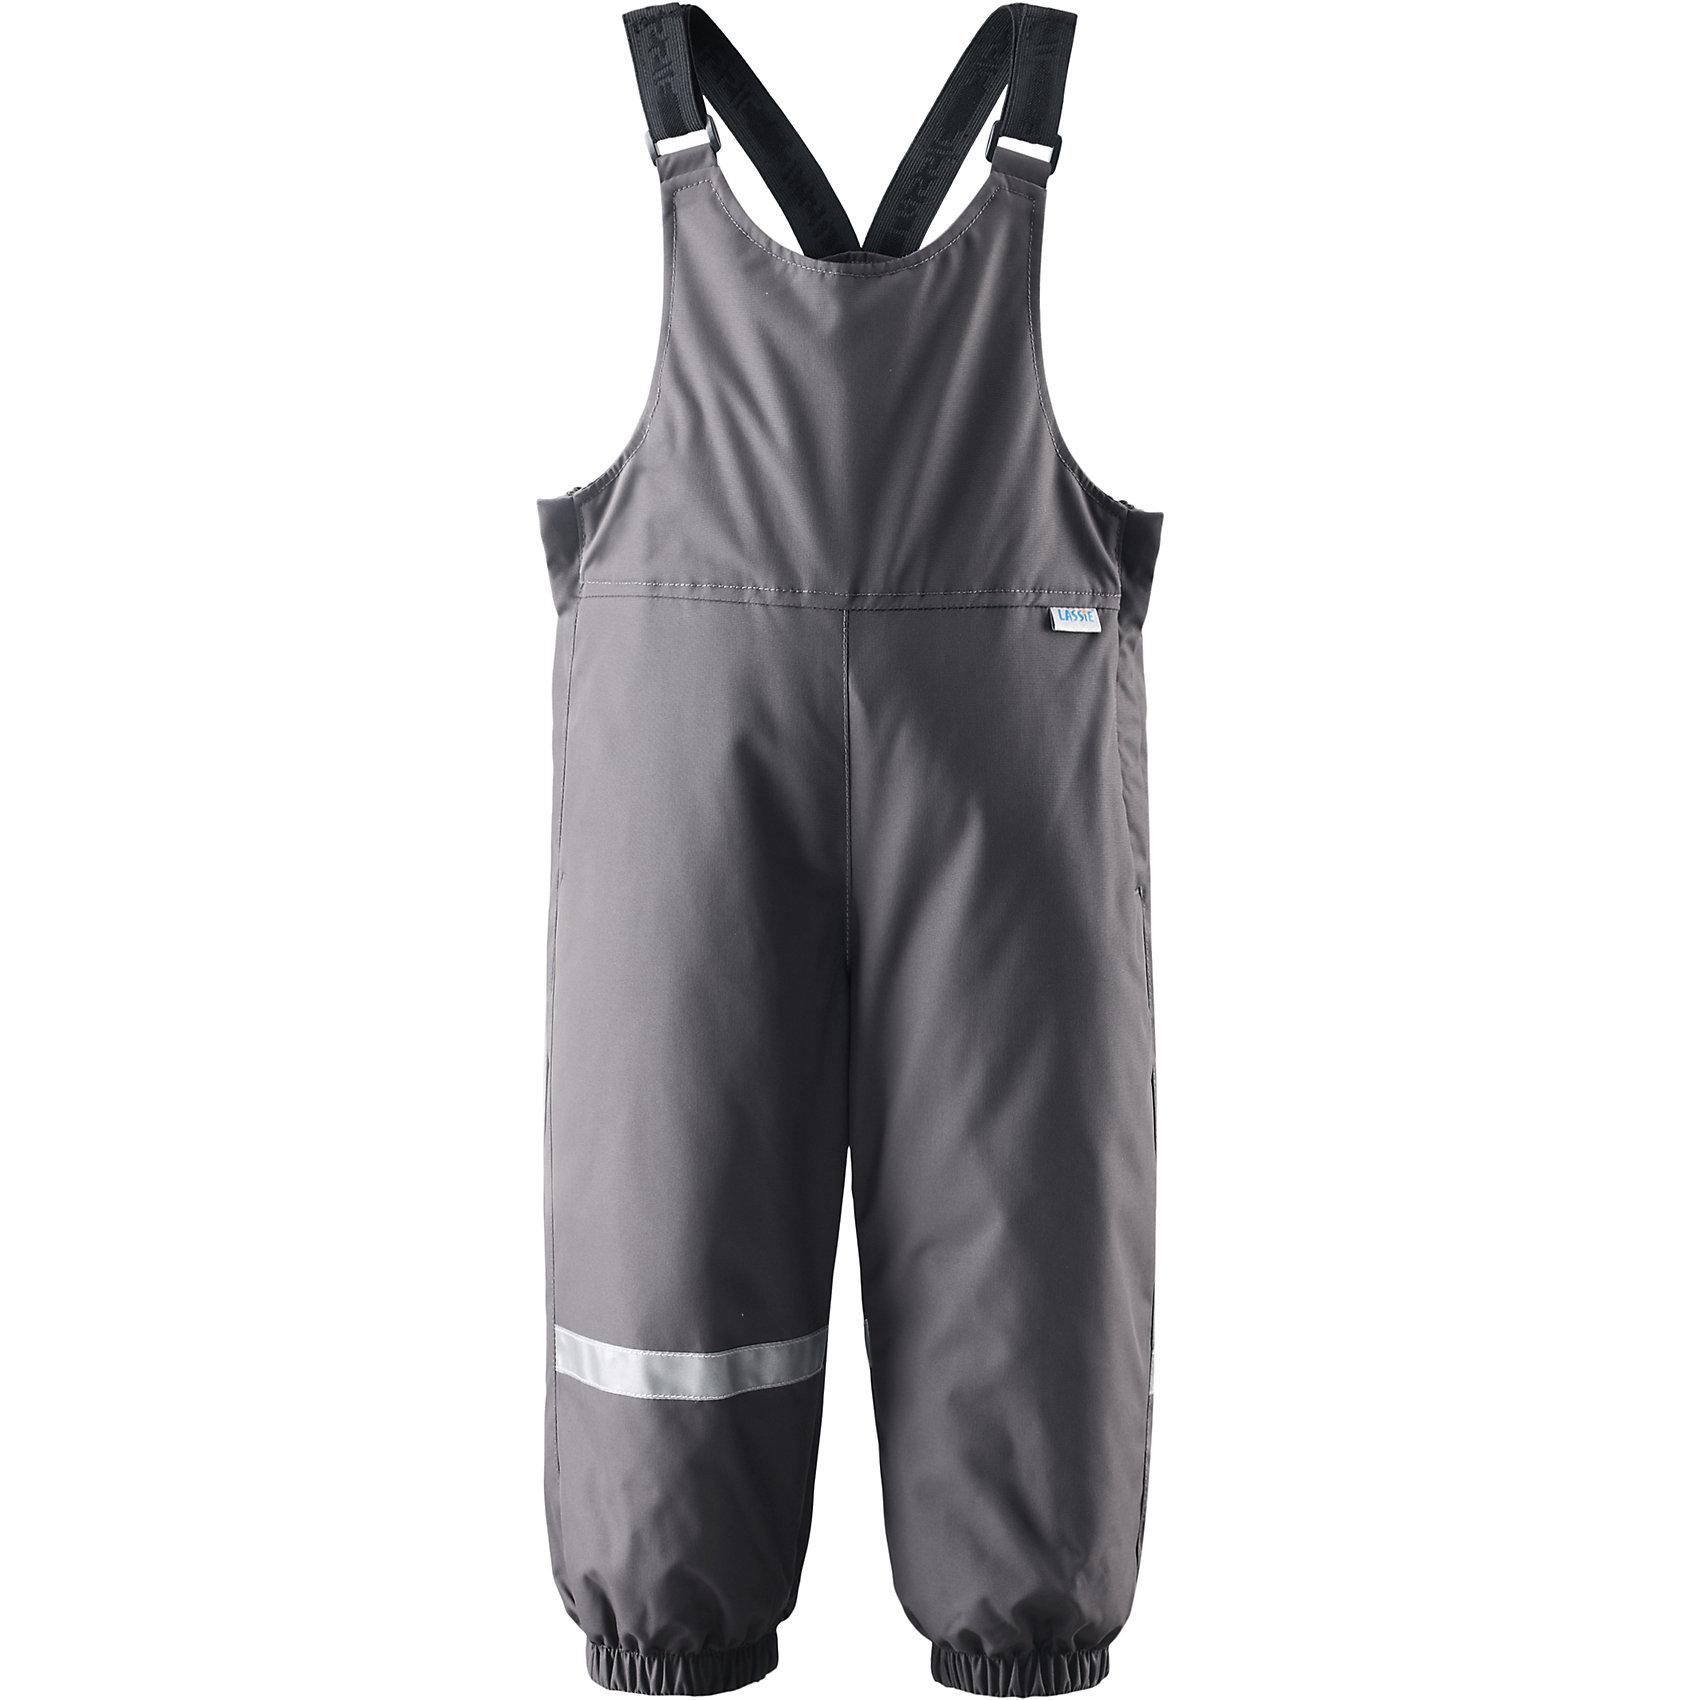 Брюки LASSIEВерхняя одежда<br>Зимние брюки для малышей известной финской марки.<br><br>- Водоотталкивающий, ветронепроницаемый, «дышащий» и грязеотталкивающий материал.<br>- Задний серединный шов проклеен.<br>- Мягкая теплая подкладка из флиса. <br>- Гладкая подкладка из полиэстра. <br>- Средняя степень утепления. <br>- Эластичные штанины. <br>- Съемные эластичные штрипки. <br>- Легко надевать благодаря молнии.<br>-  Регулируемые подтяжки.<br><br>Рекомендации по уходу: Стирать по отдельности, вывернув наизнанку. Застегнуть молнии и липучки. Соблюдать температуру в соответствии с руководством по уходу. Стирать моющим средством, не содержащим отбеливающие вещества. Полоскать без специального средства. Сушение в сушильном шкафу разрешено при  низкой температуре.<br><br>Состав: 100% Полиамид, полиуретановое покрытие.  Утеплитель «Lassie wadding» 140гр.<br><br>Ширина мм: 215<br>Глубина мм: 88<br>Высота мм: 191<br>Вес г: 336<br>Цвет: серый<br>Возраст от месяцев: 12<br>Возраст до месяцев: 15<br>Пол: Унисекс<br>Возраст: Детский<br>Размер: 80,74,86,92,98<br>SKU: 4781502